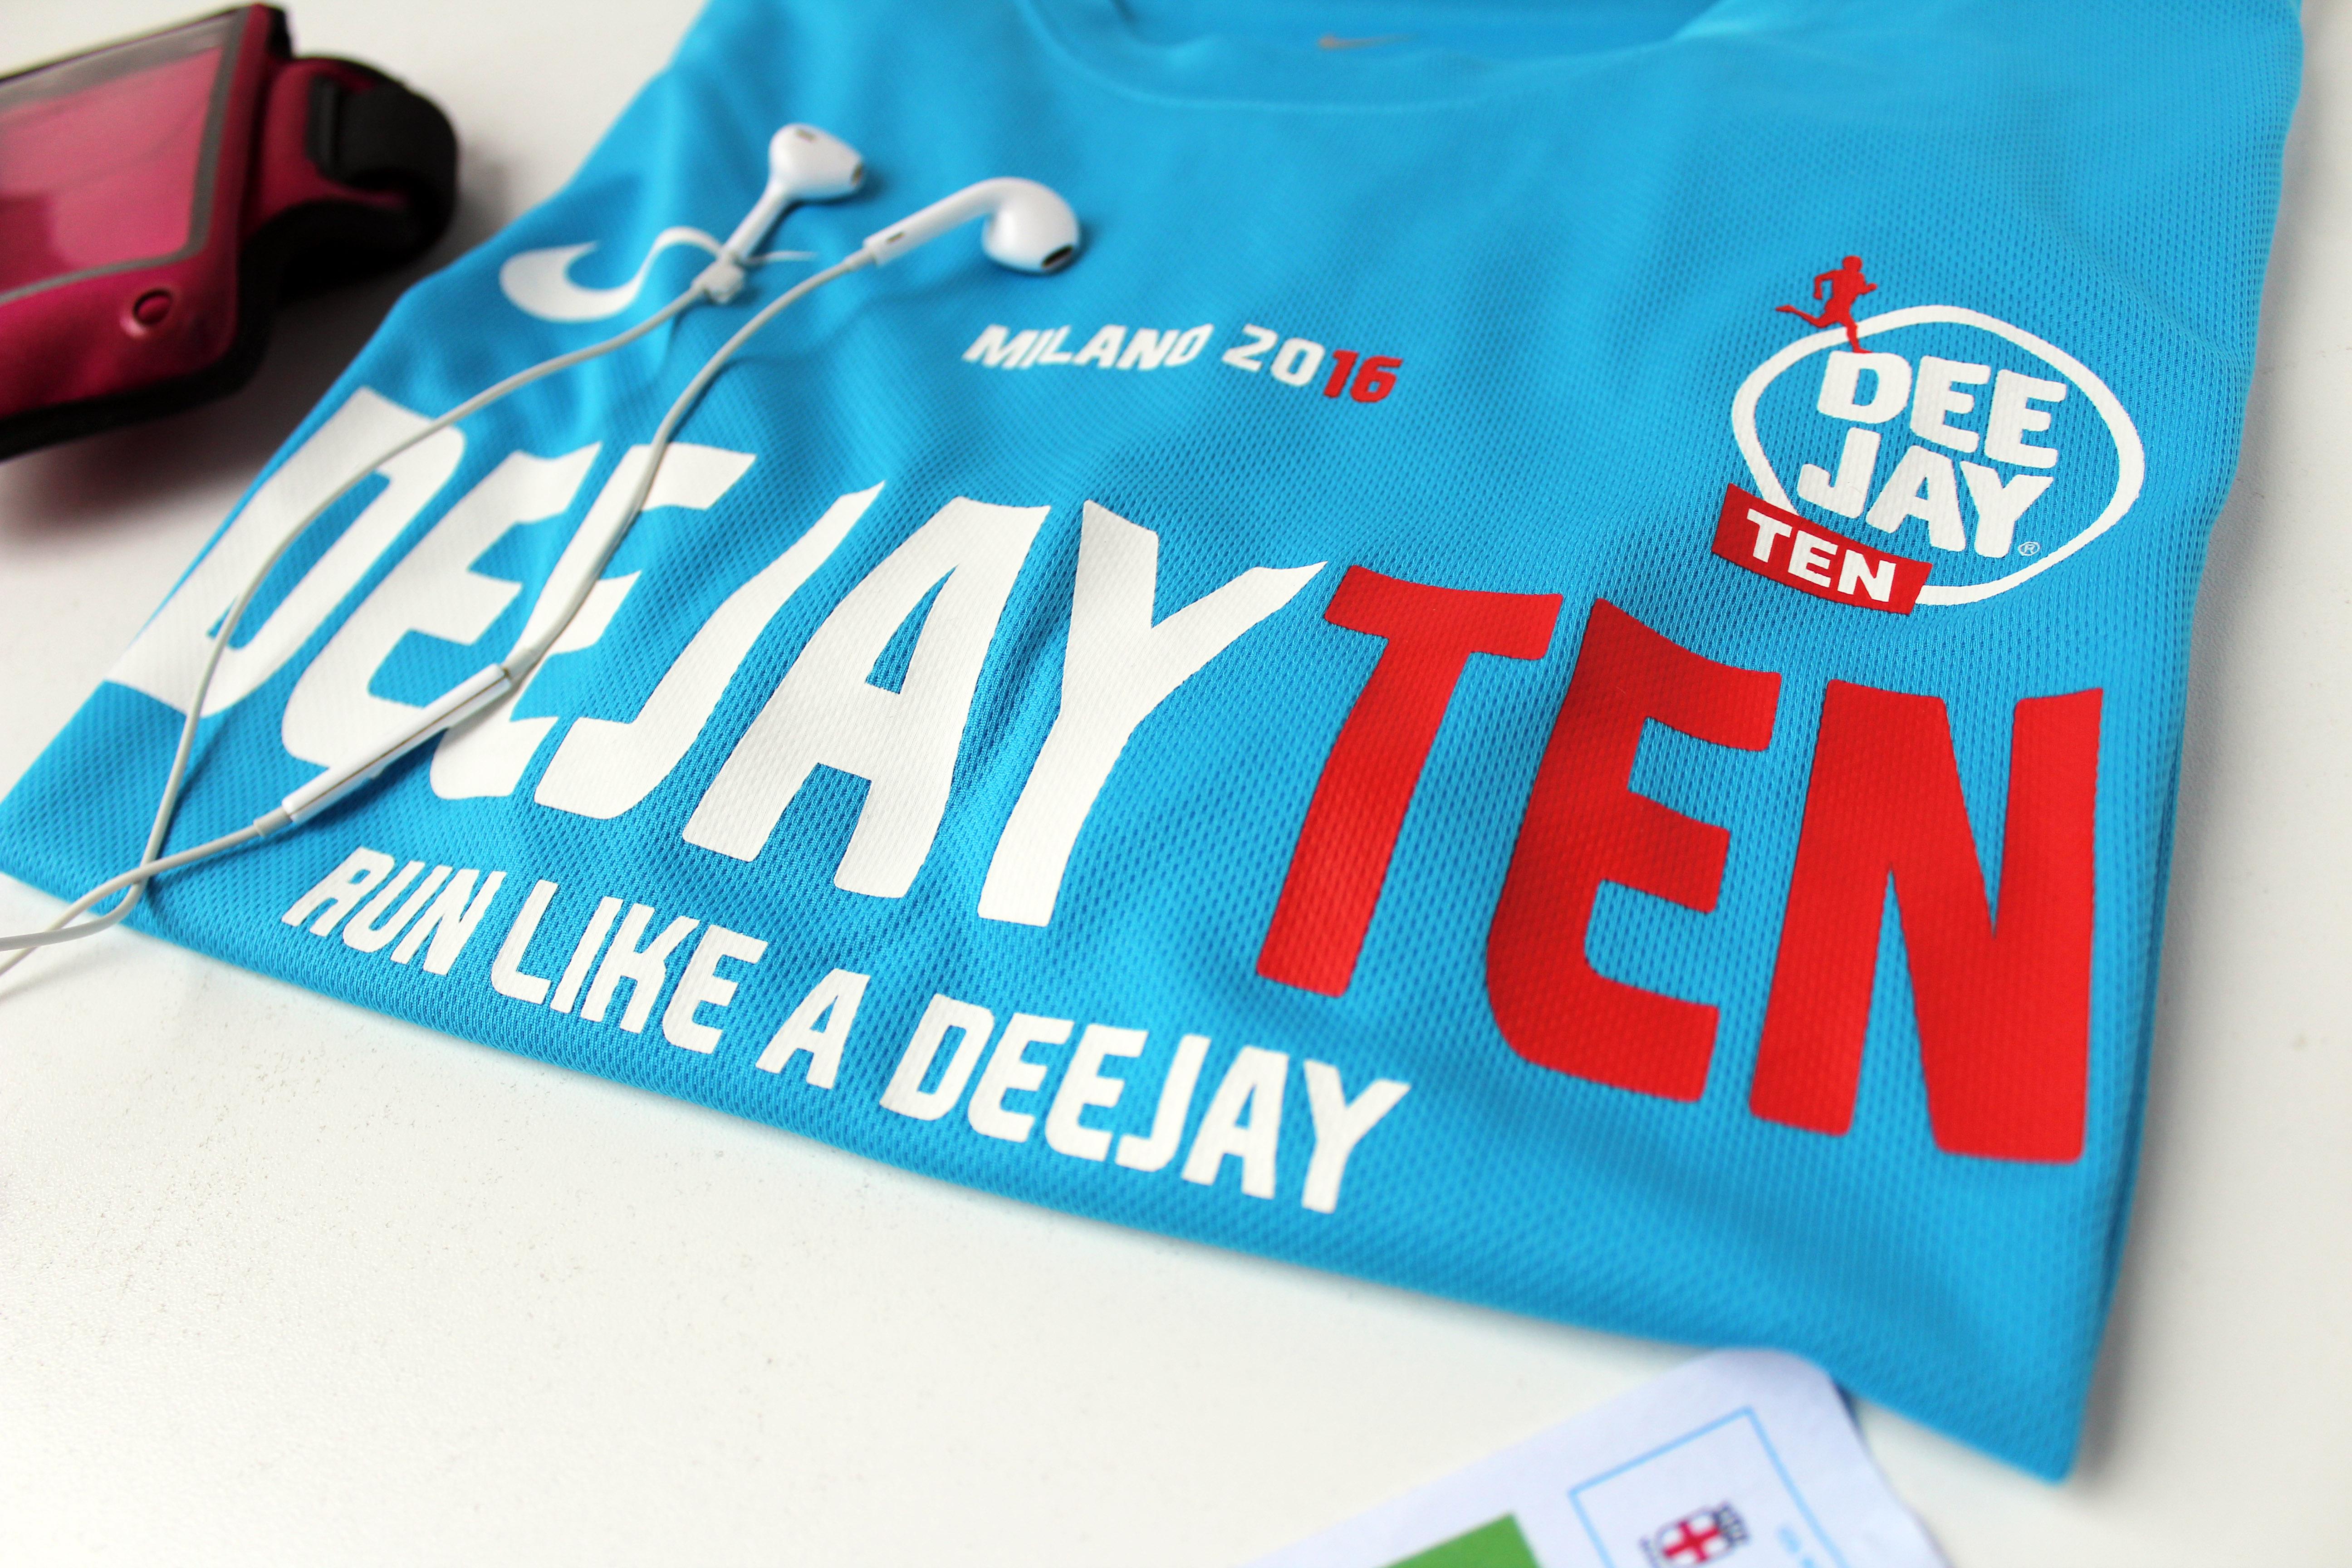 La t-shirt della gara